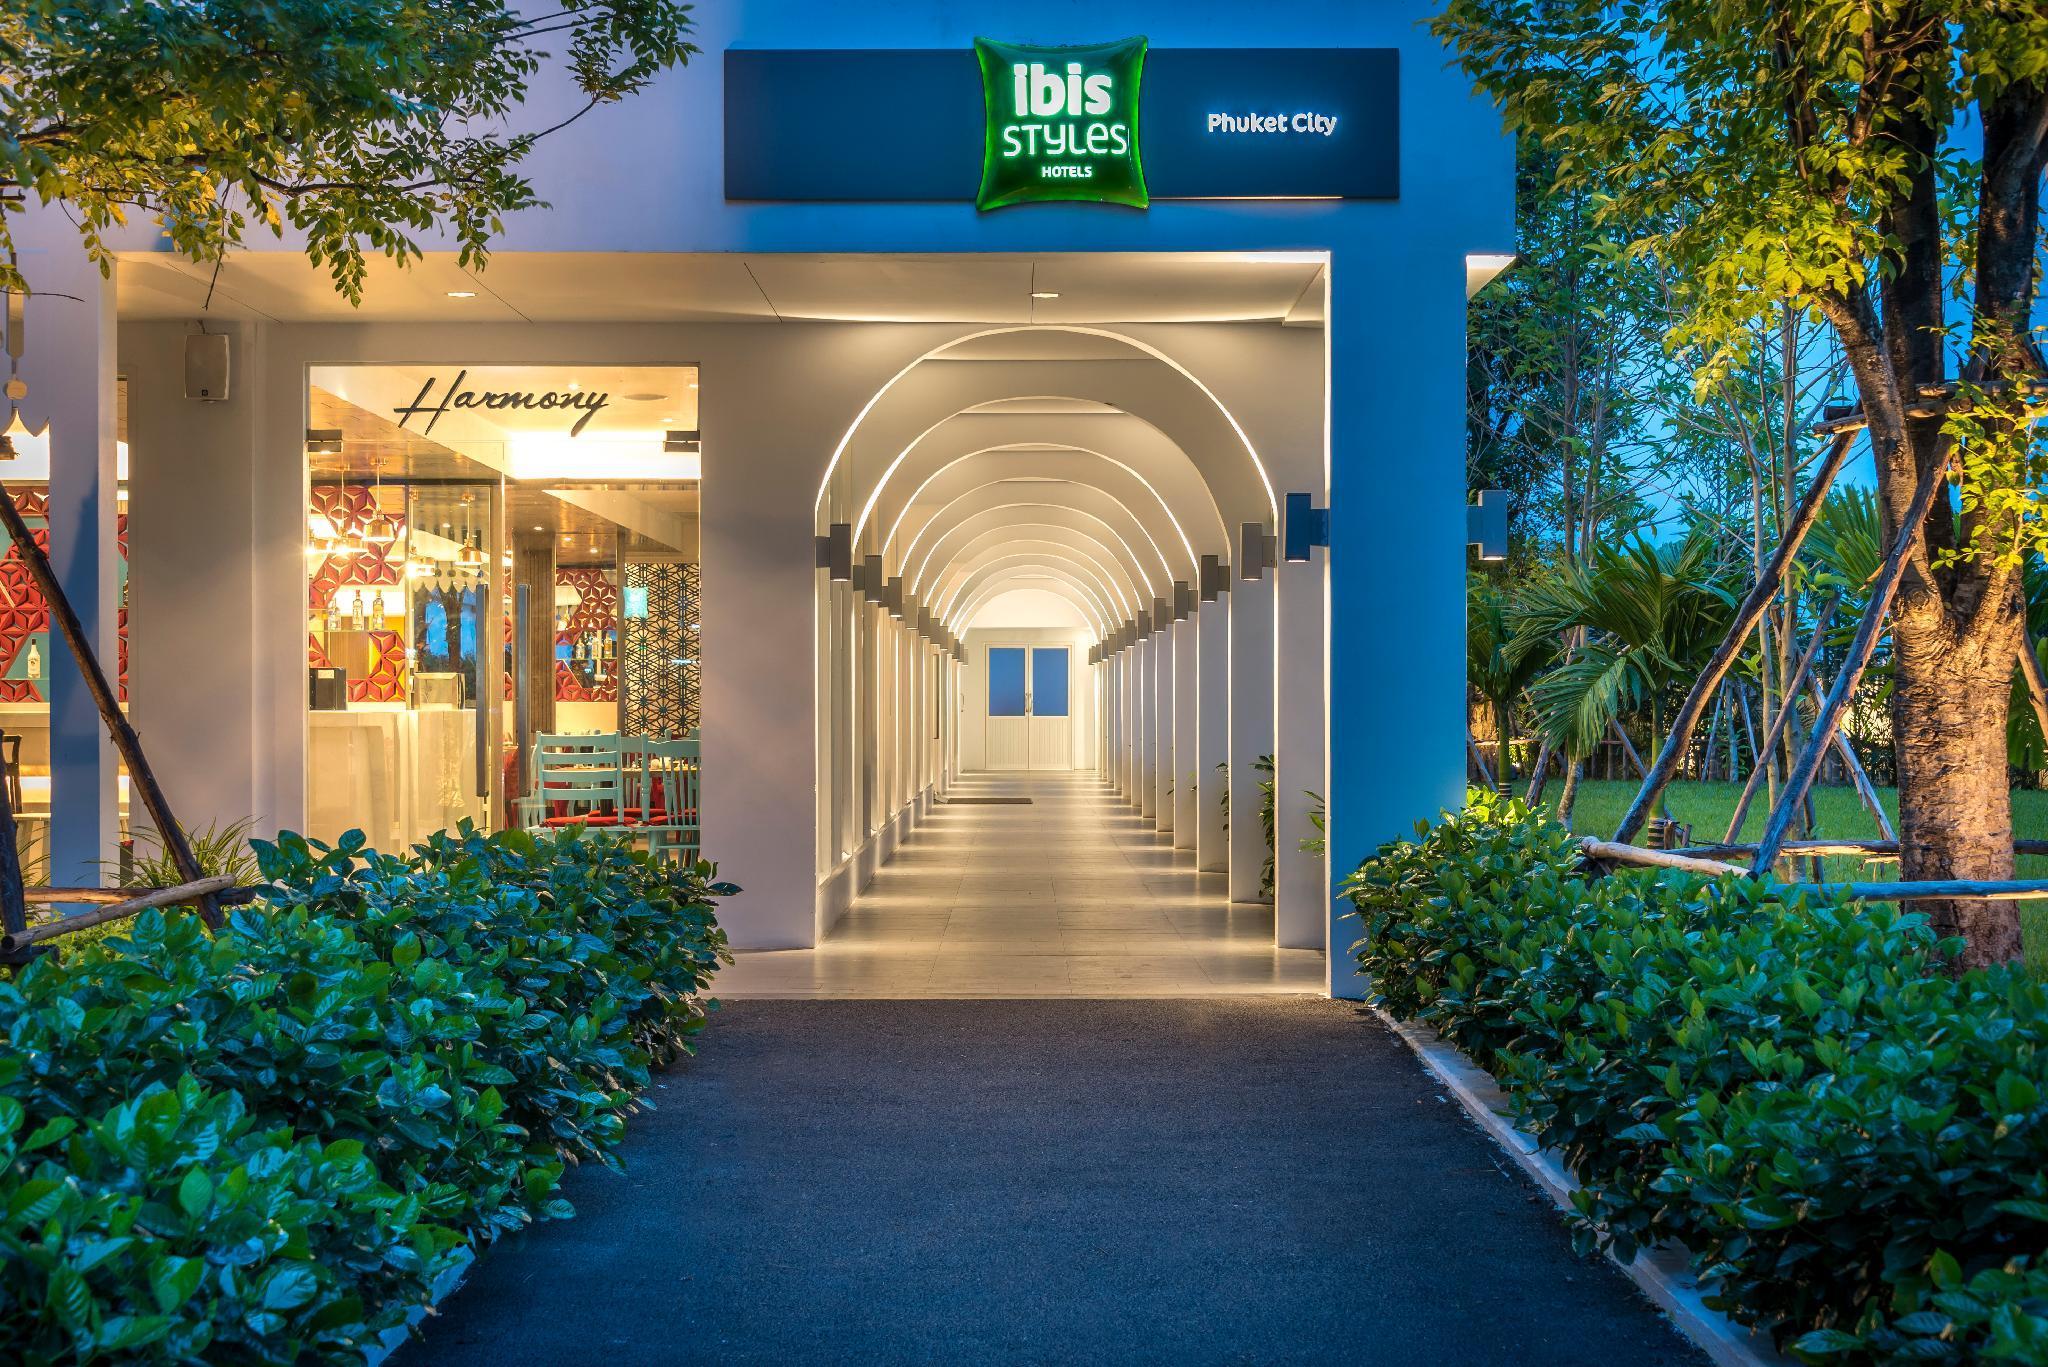 Ibis Styles Phuket City - Phuket